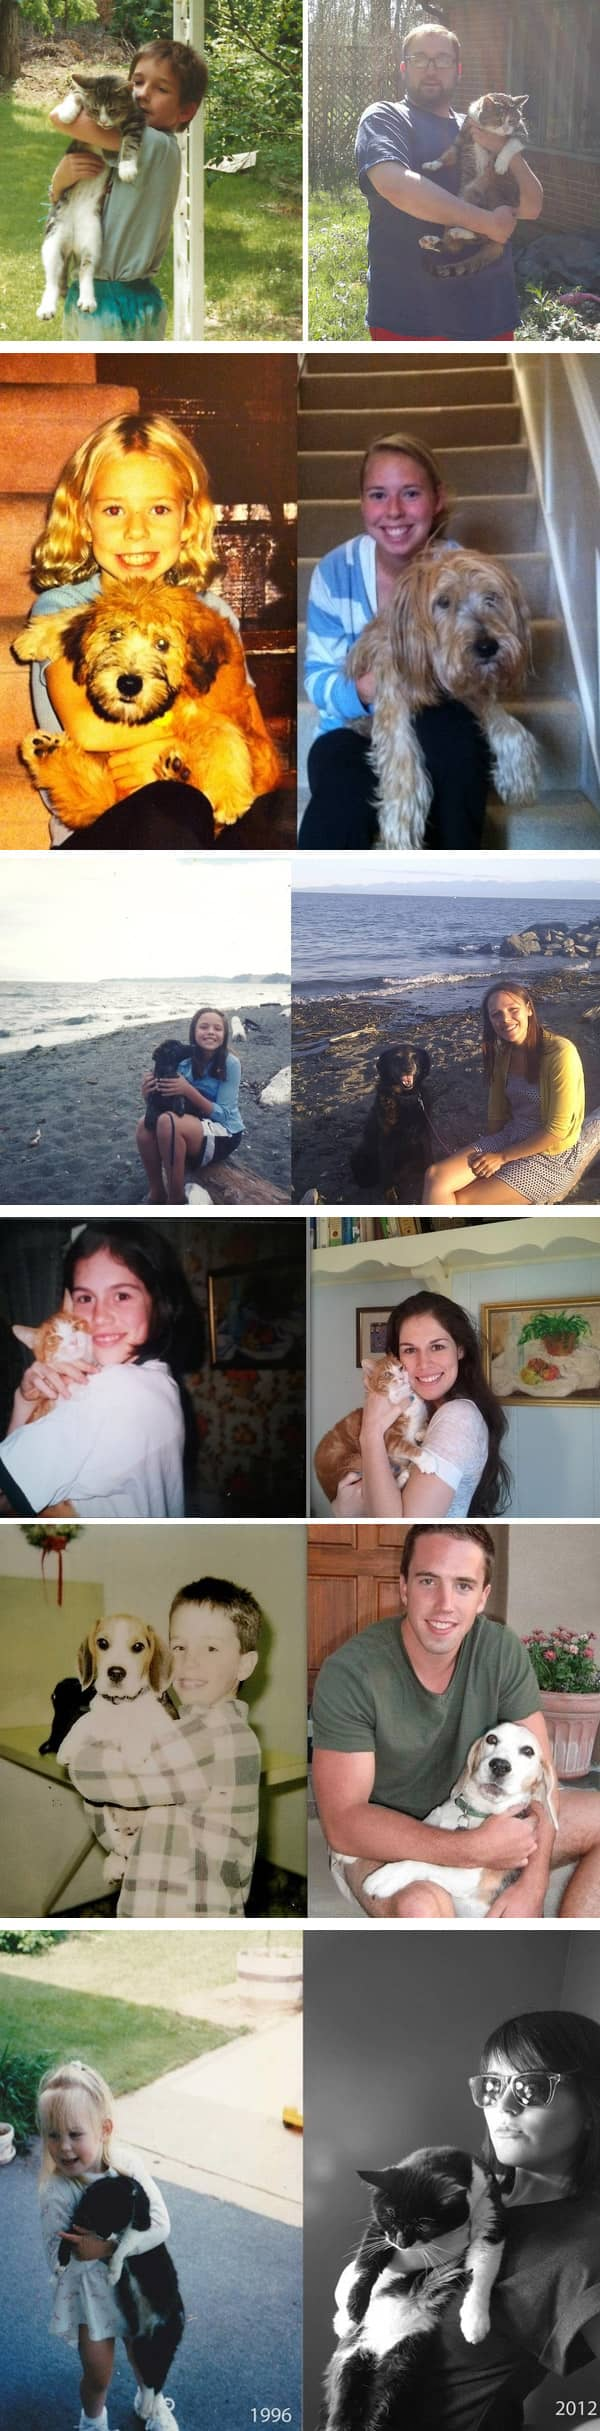 Fotos de pessoas com seus pets na infância e na vida adulta 1